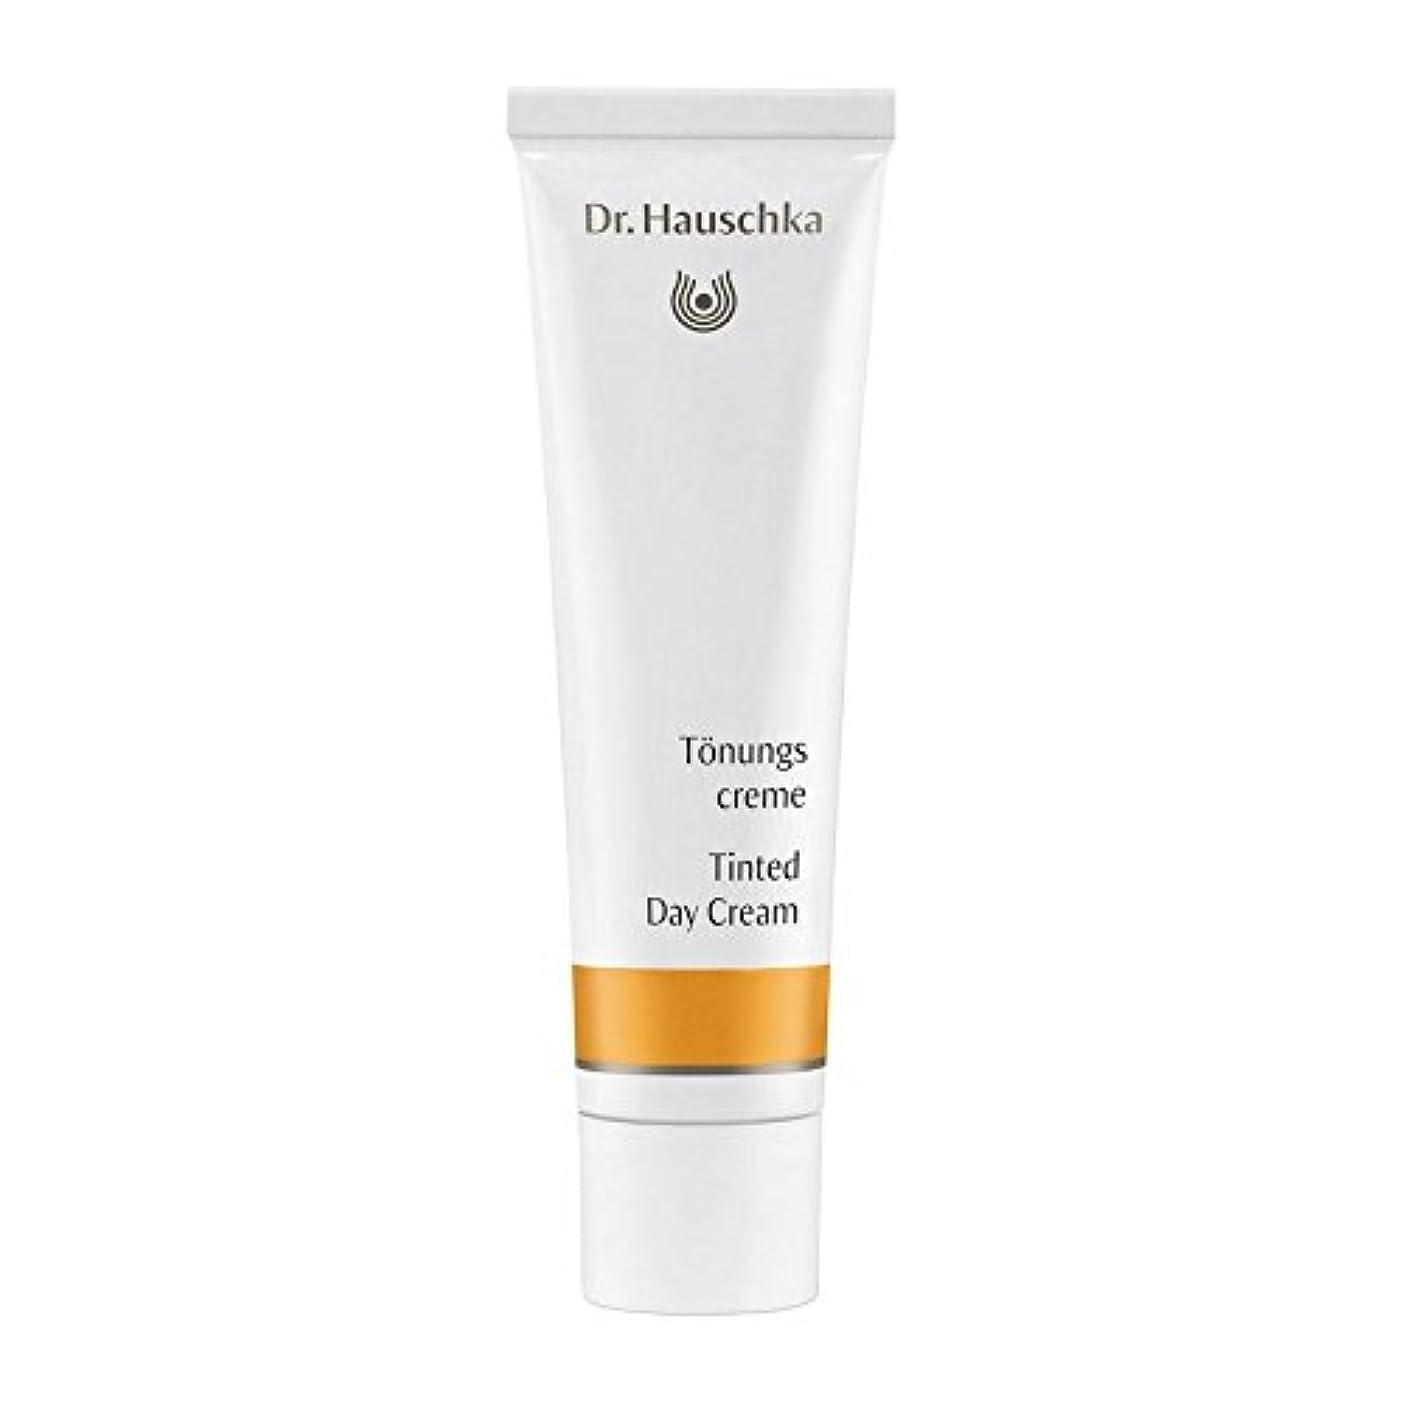 アヒル黒名誉ハウシュカ着色デイクリーム30 x2 - Dr. Hauschka Tinted Day Cream 30ml (Pack of 2) [並行輸入品]